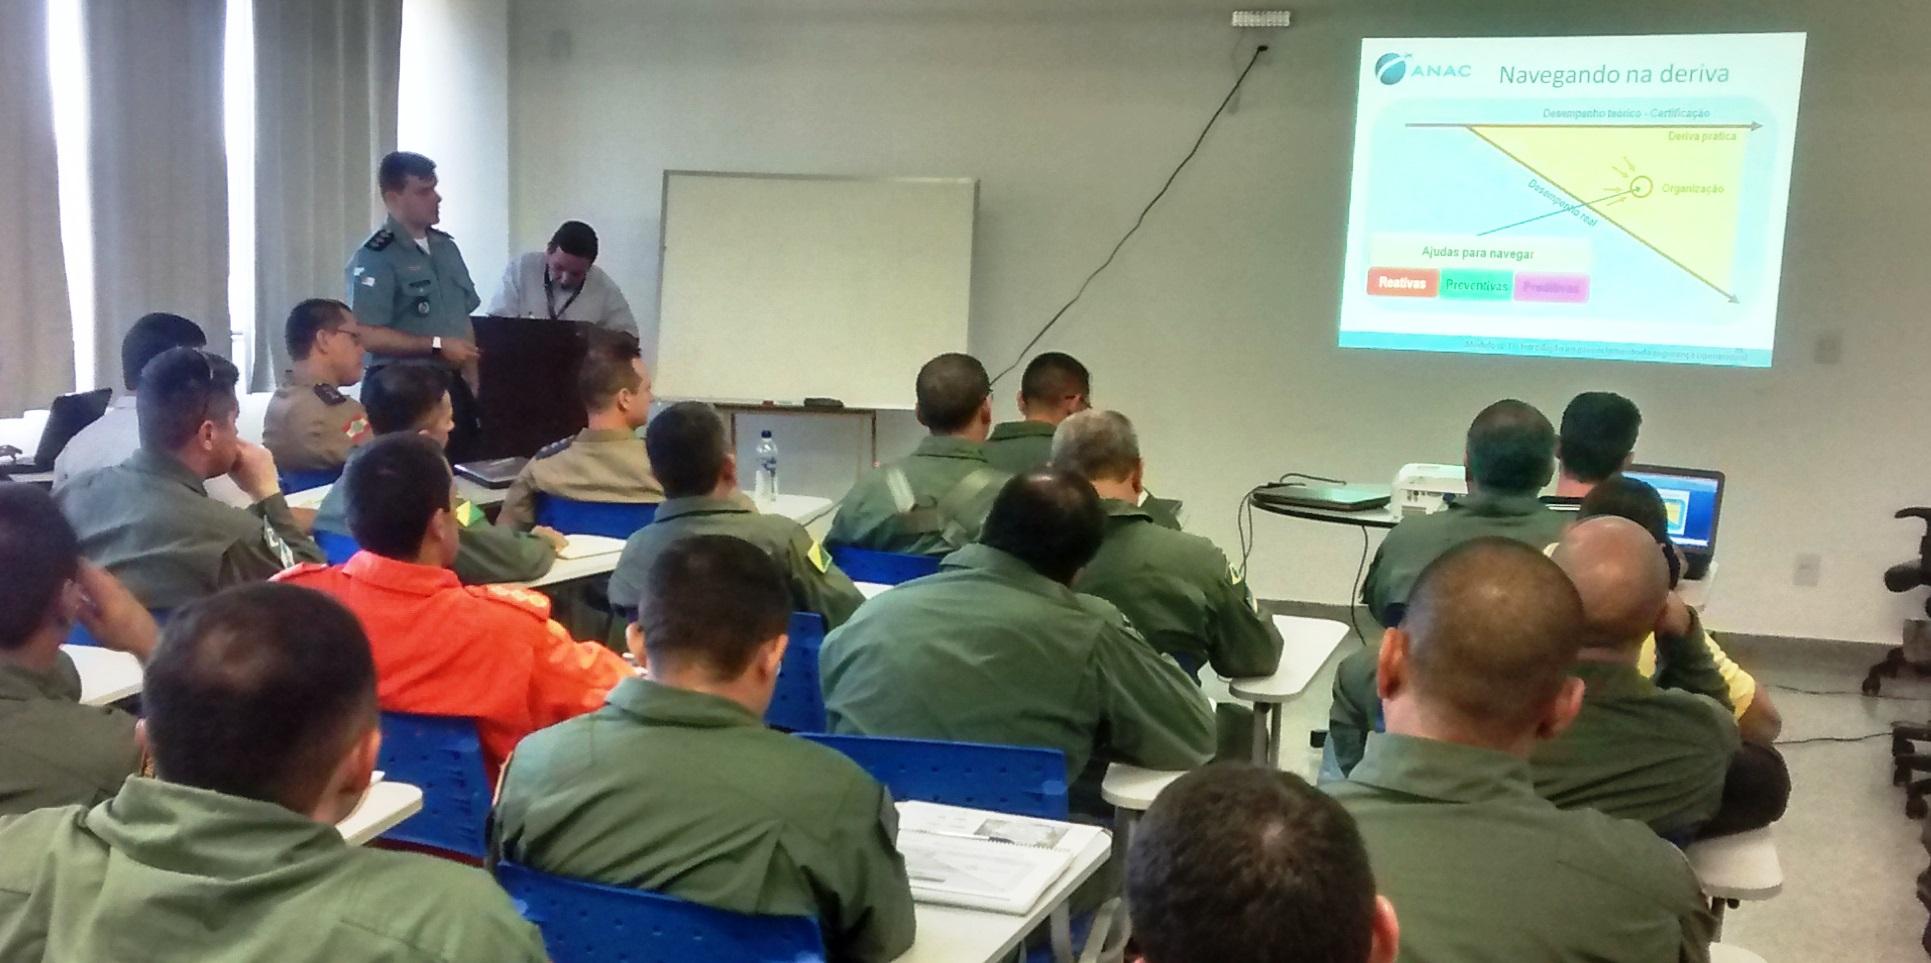 Cap PMERJ Luiz Sérgio ALVES Pinto, Gestor de Segurança Operacional do Grupamento Aeromóvel - GAM, da PMERJ, como instrutor de um dos módulos do curso.